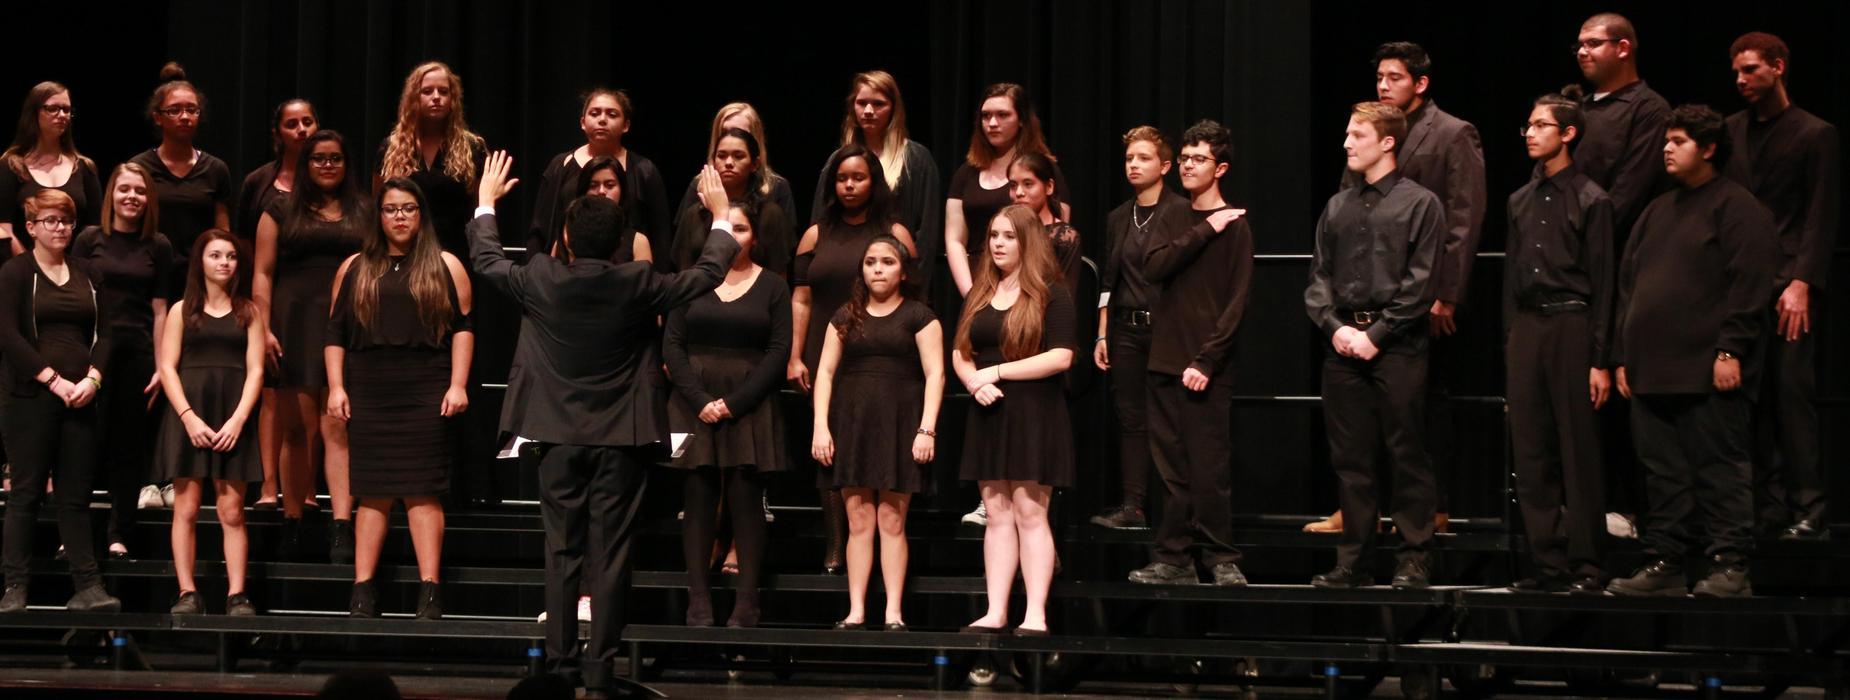 choir concert fall semester